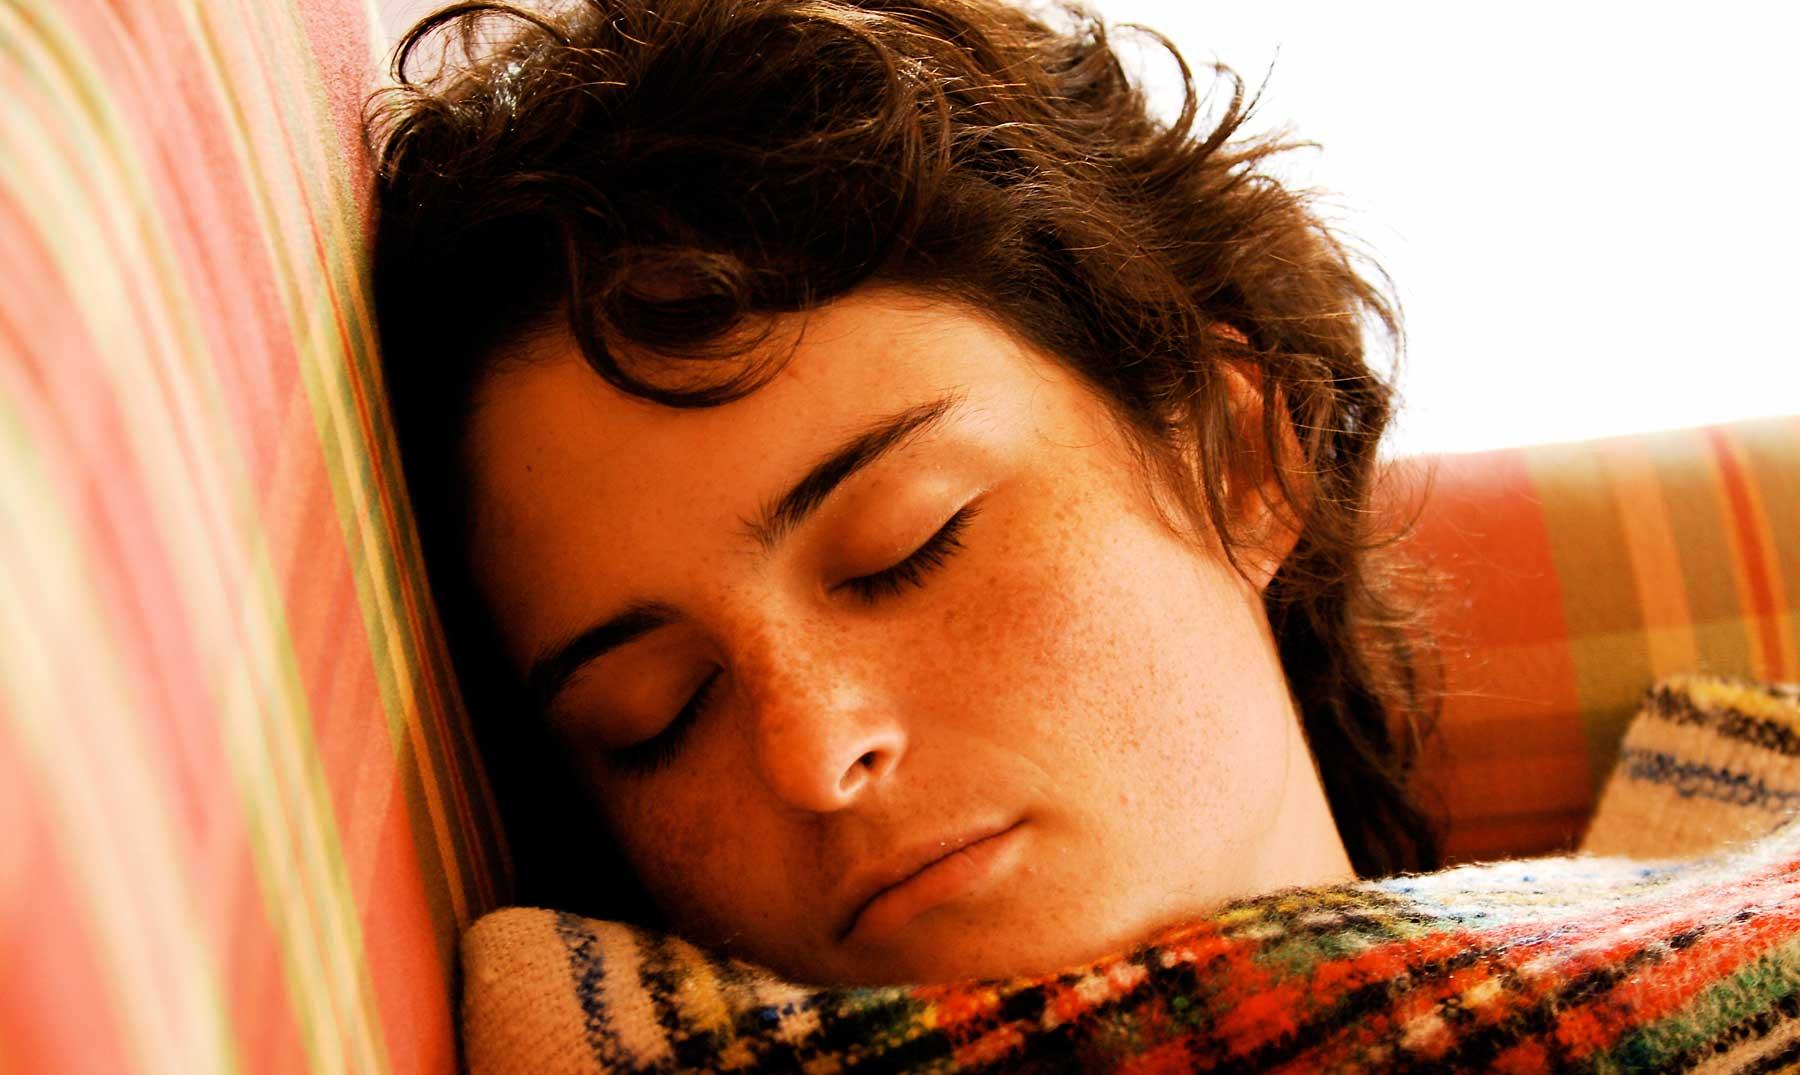 10 cosas curiosas que pueden sucederte mientras duermes